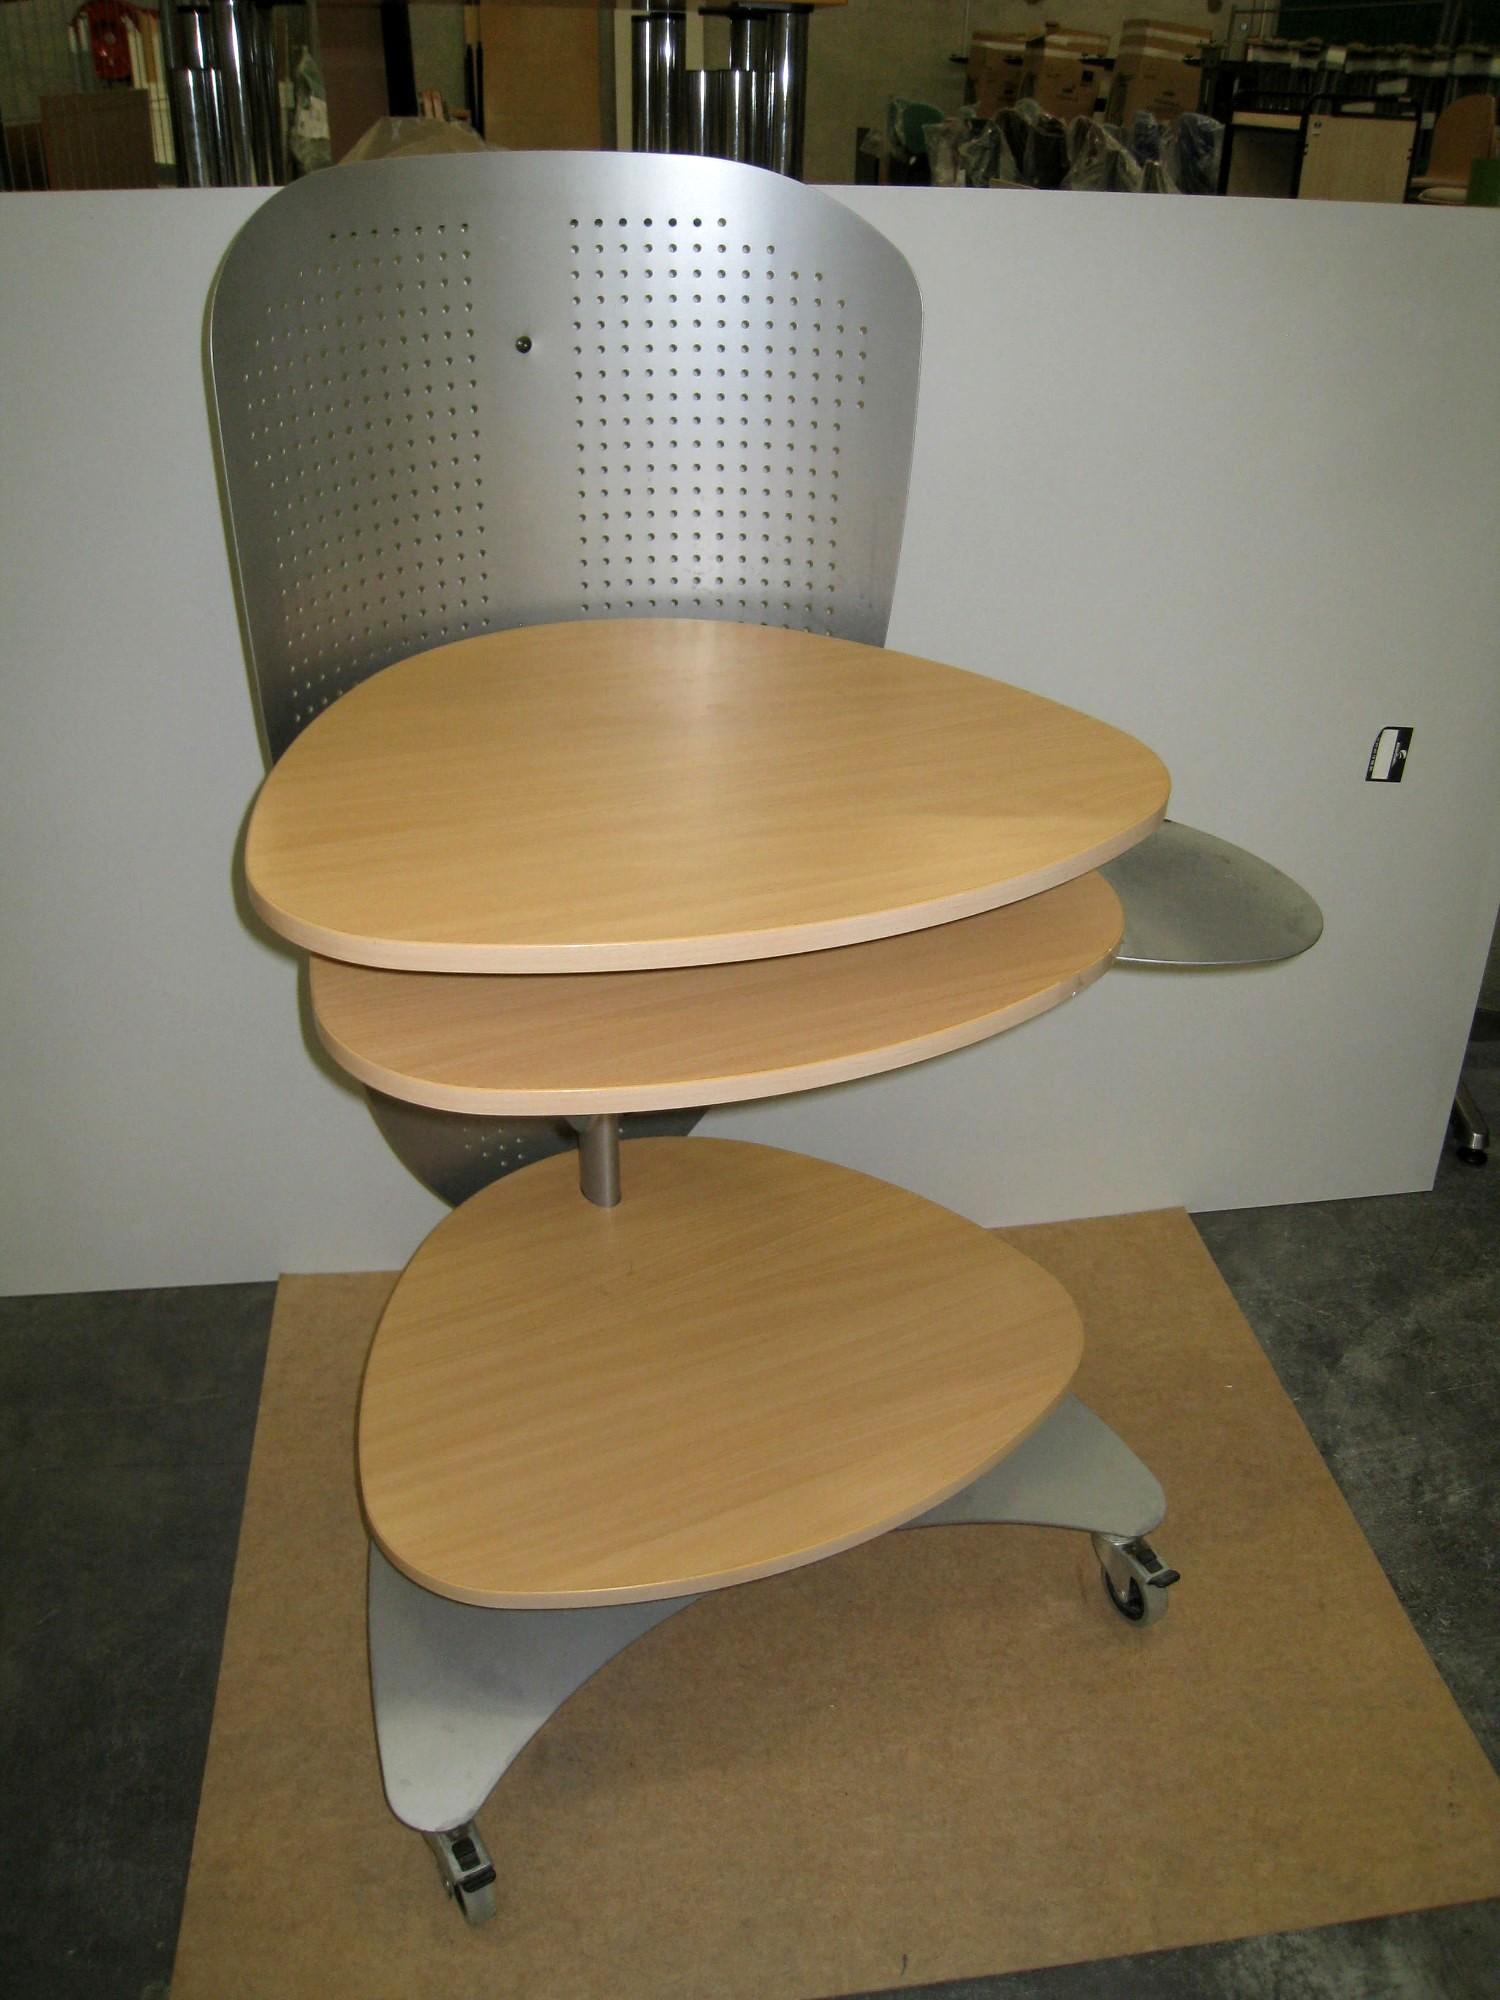 tour informatique autres mobiliers d 39 occasion aux ench res agorastore. Black Bedroom Furniture Sets. Home Design Ideas